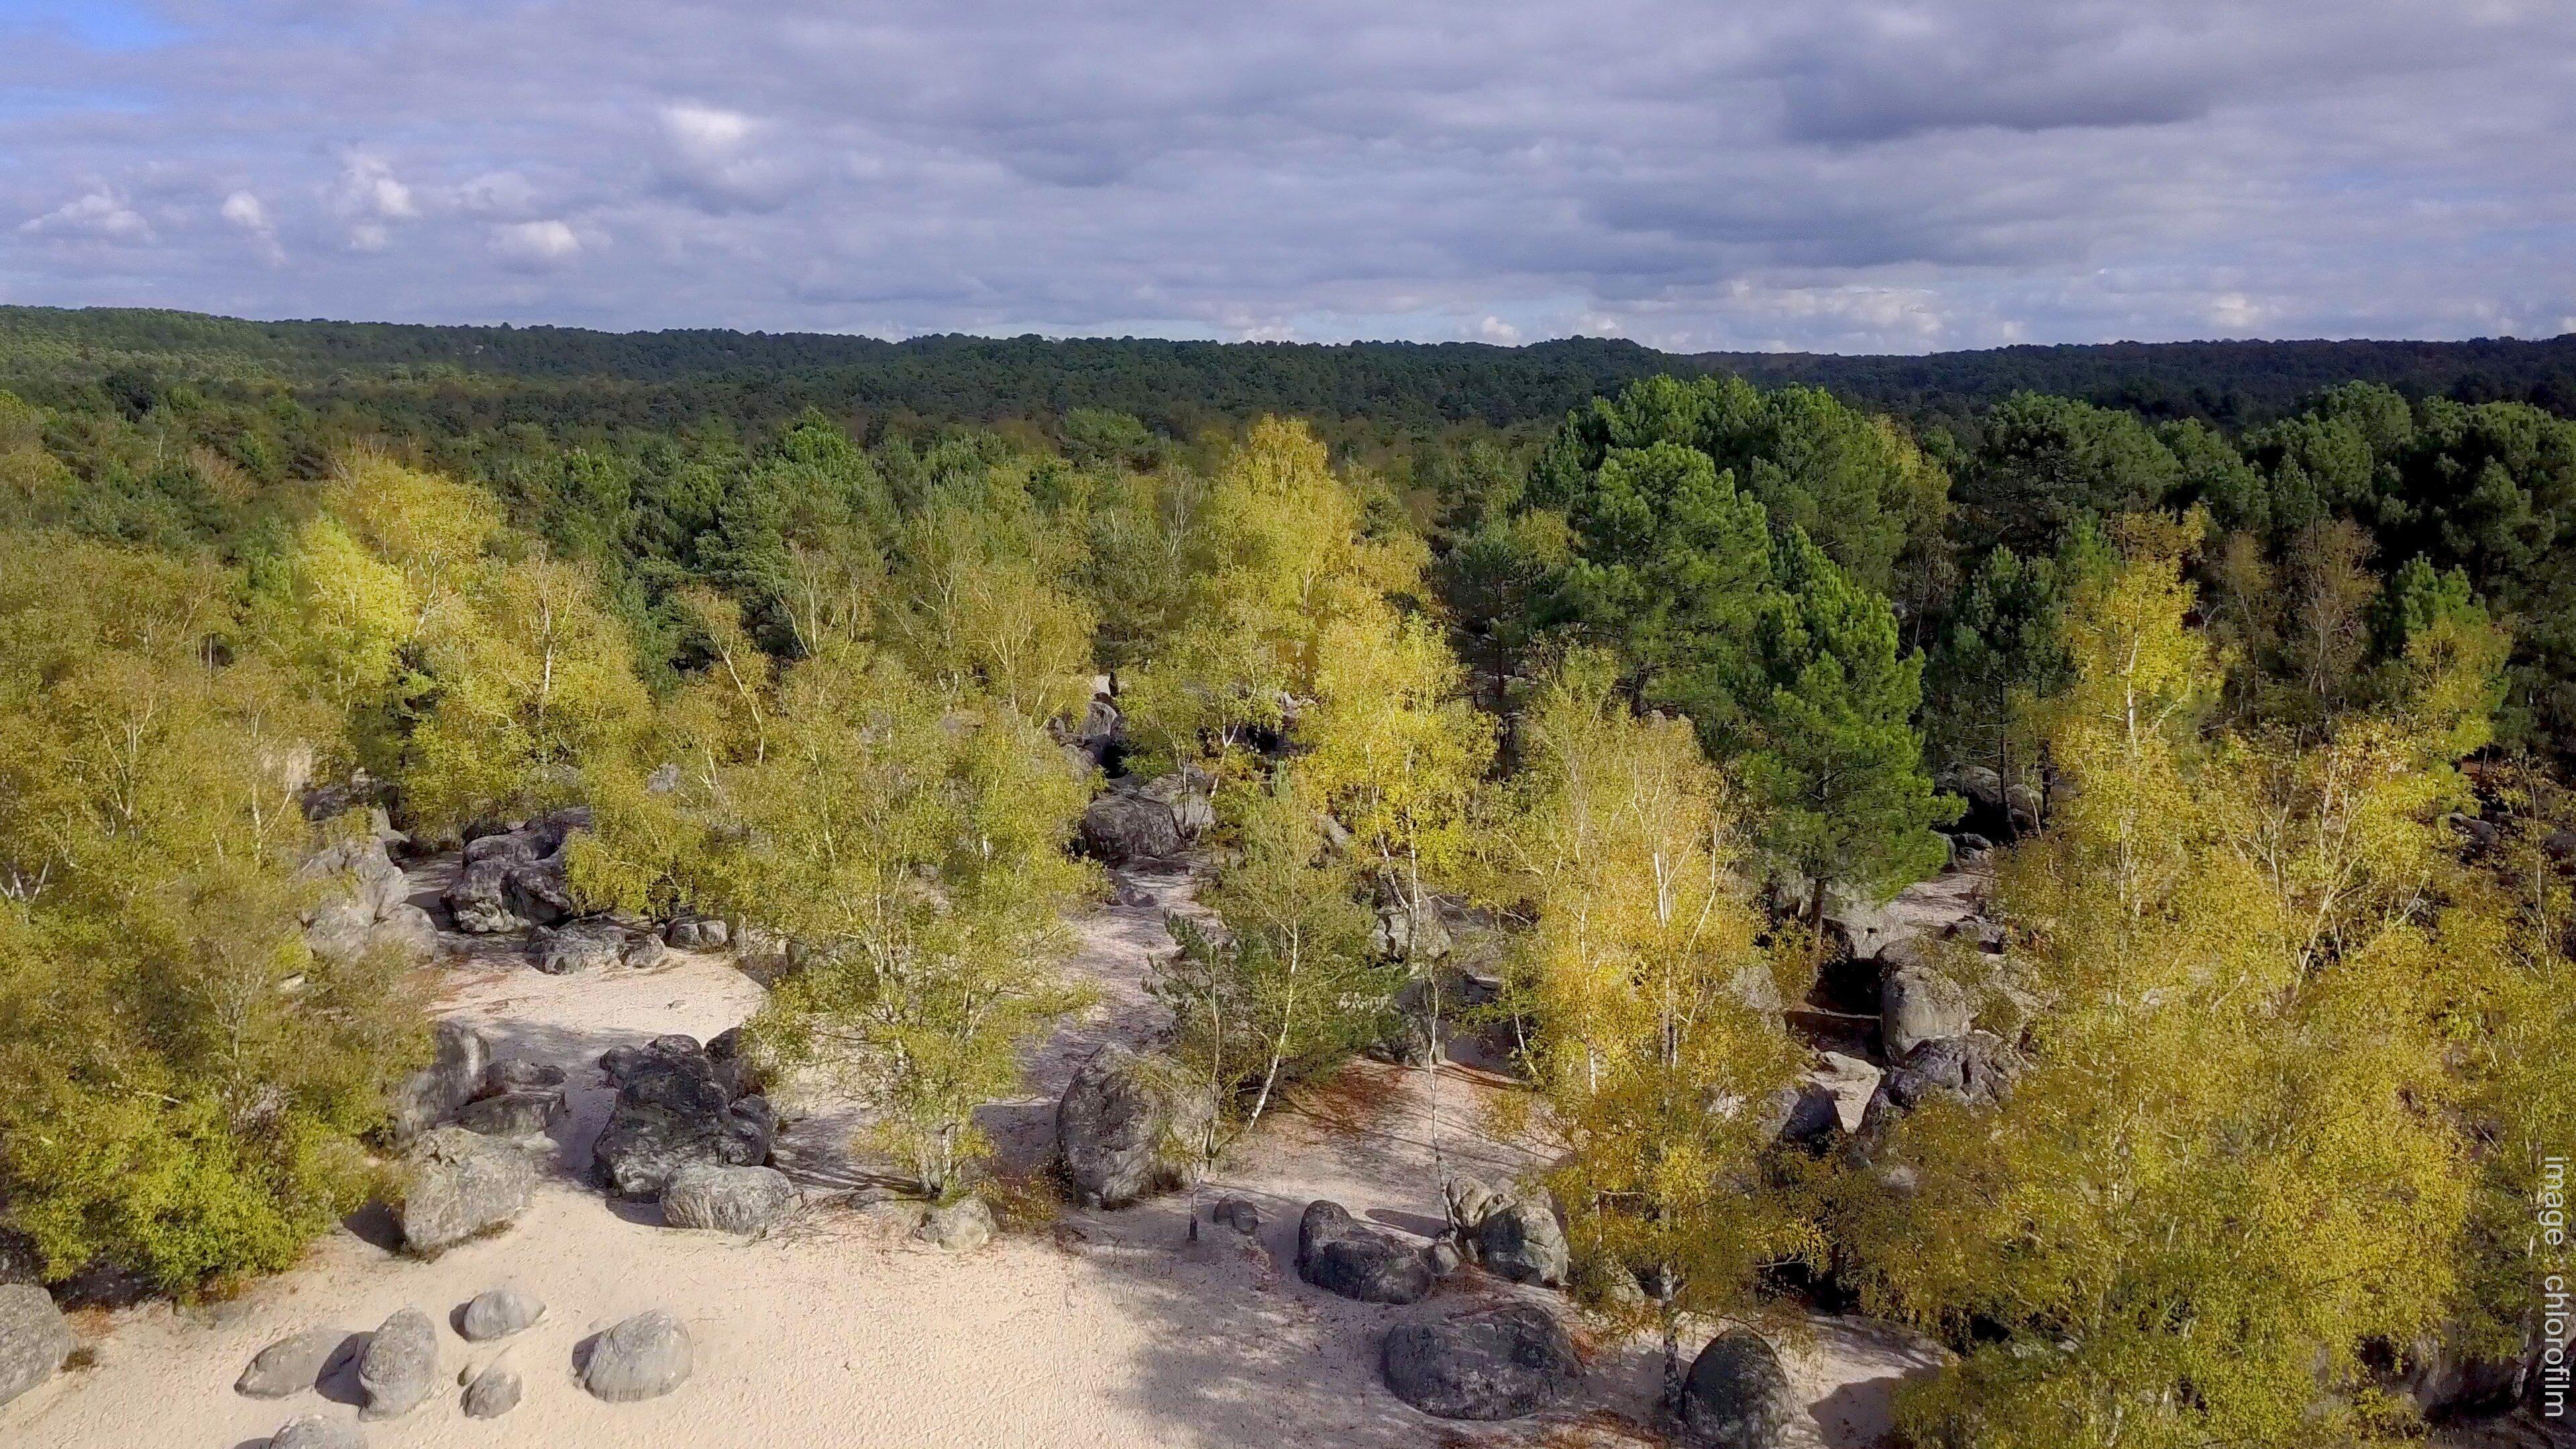 Le cul du chien, forêt des Trois Pignons